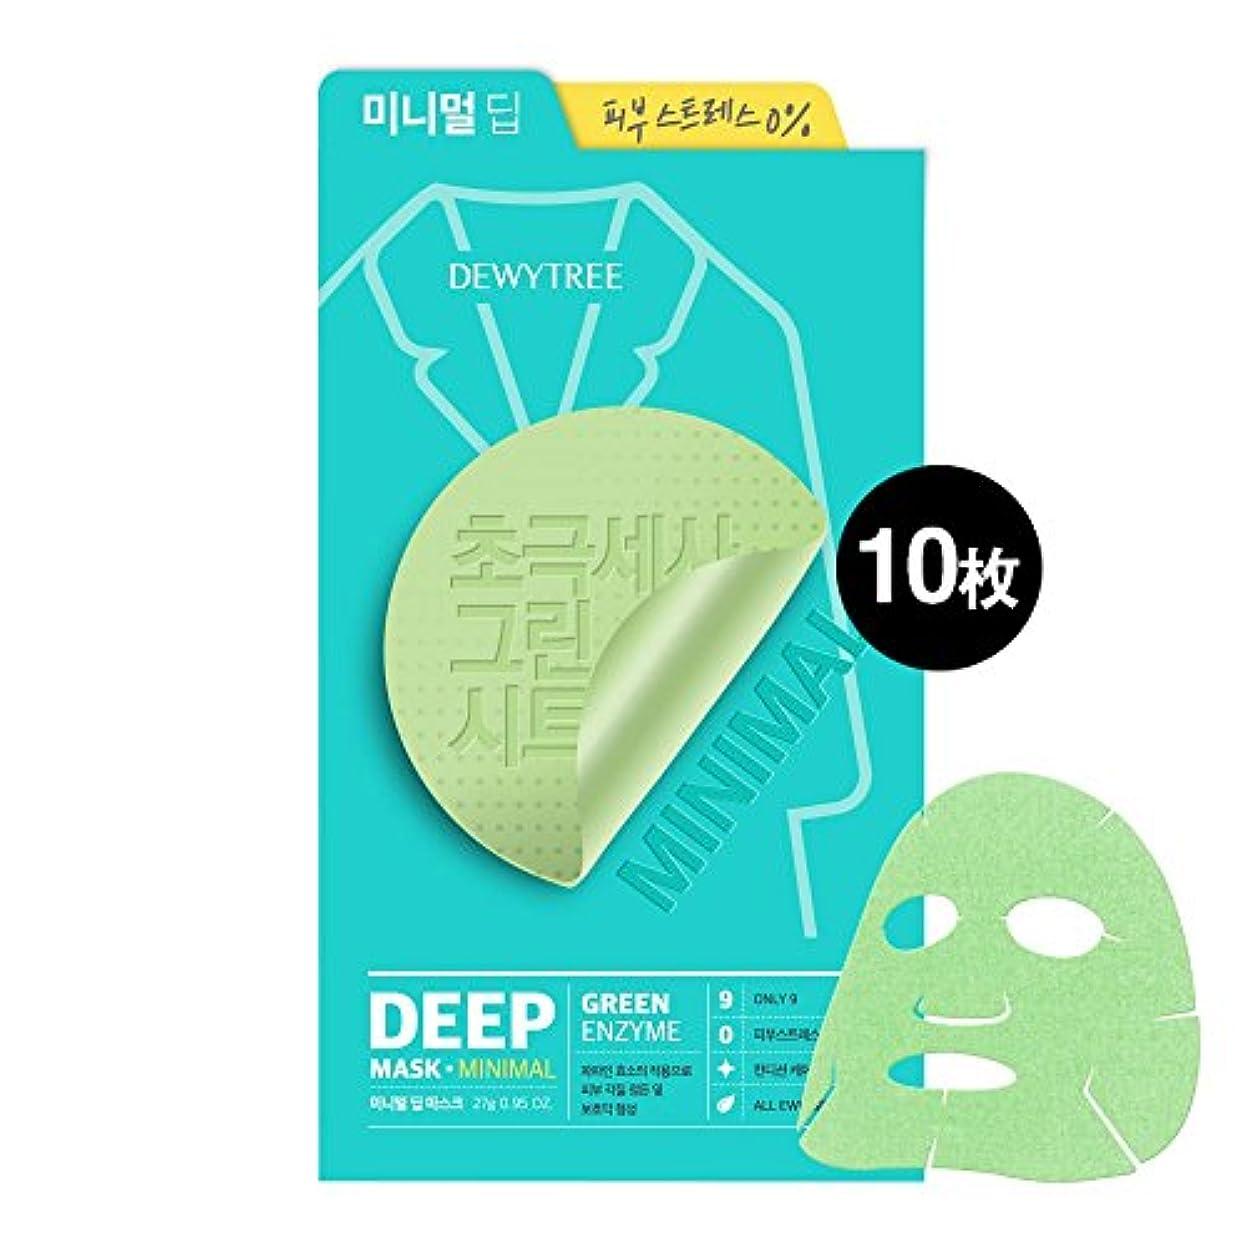 公平な賛辞精巧な(デューイトゥリー) DEWYTREE ミニマルディープマスク 10枚 Minimal Deep Mask 韓国マスクパック (並行輸入品)